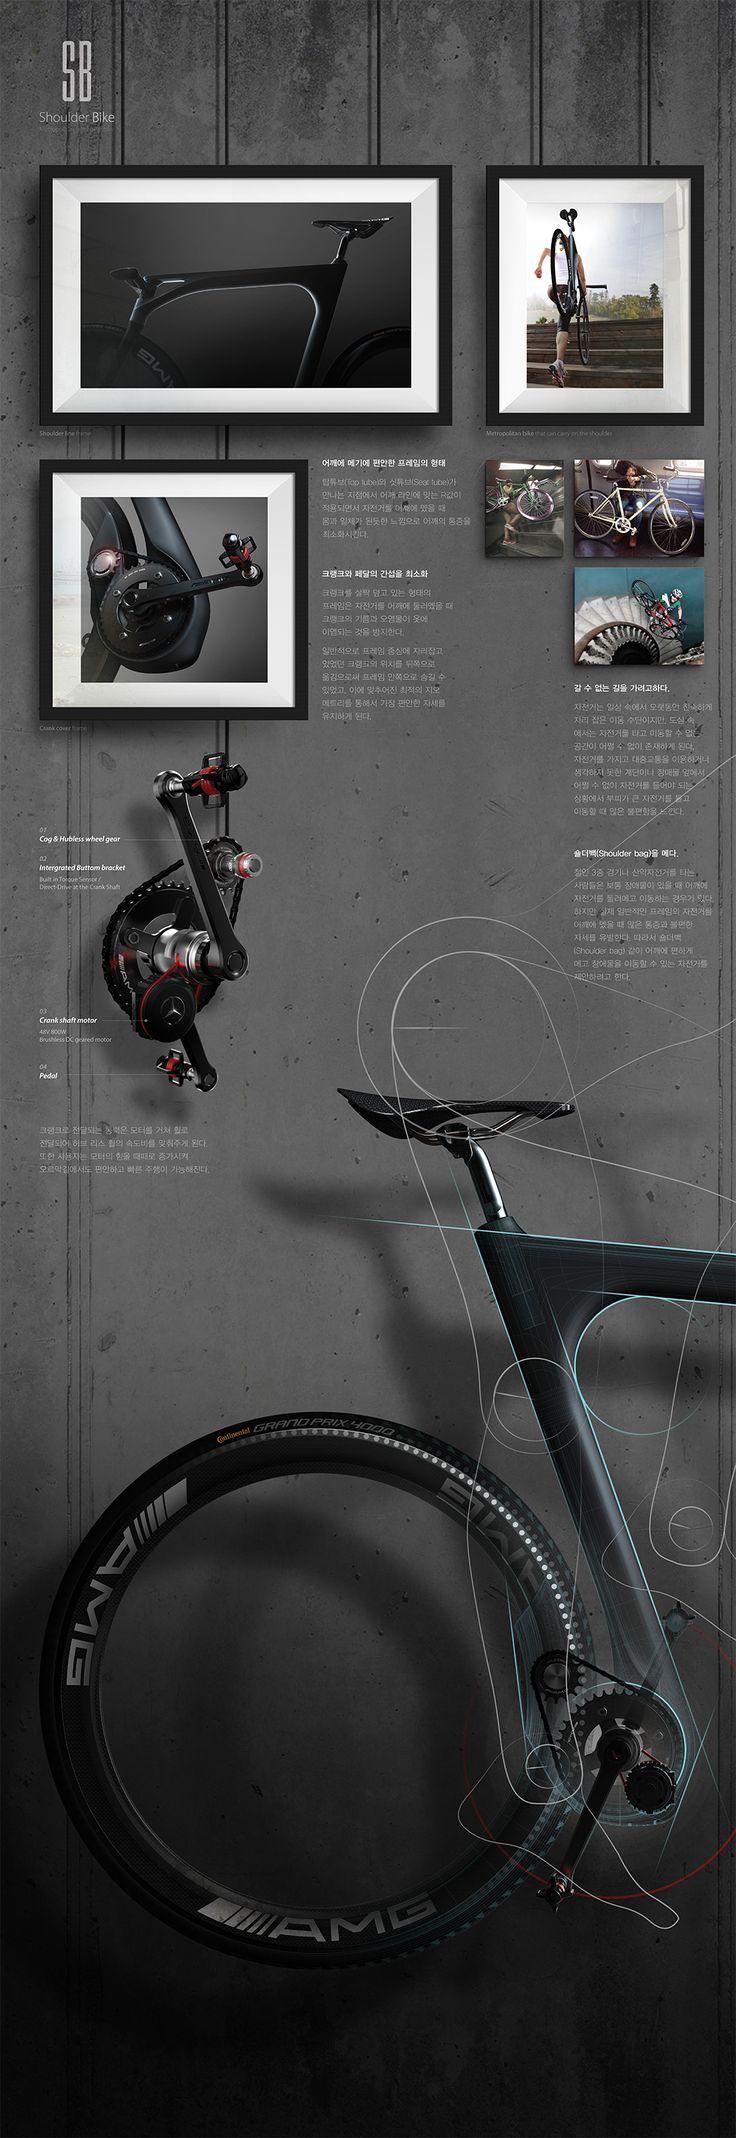 Shoulder Bike_Ver.2 on Behance